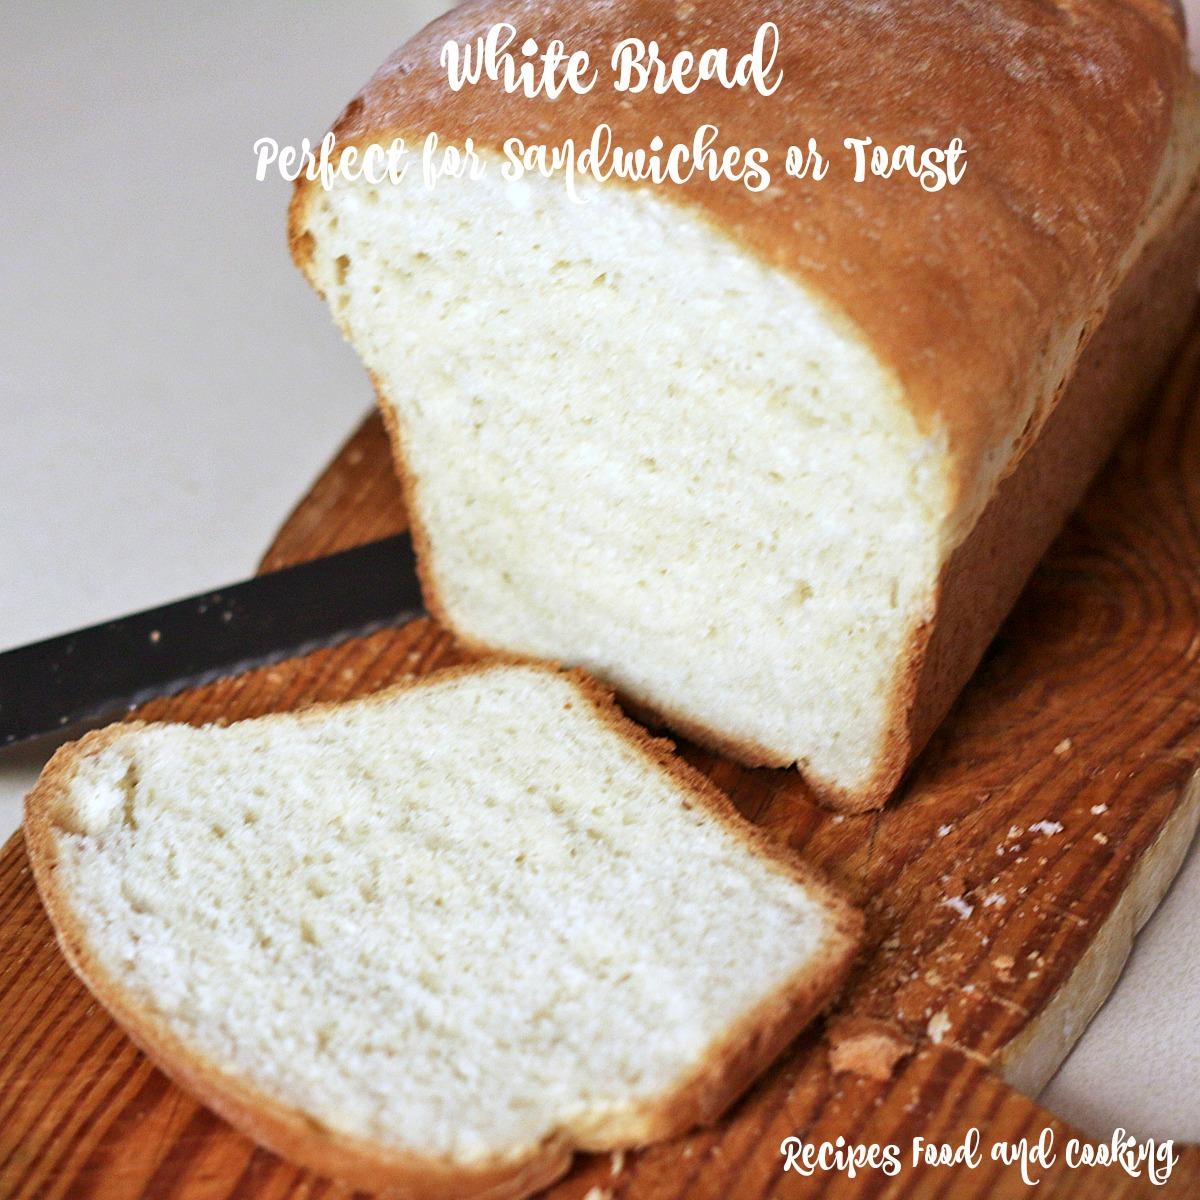 White Bread and Cinnamon Rolls